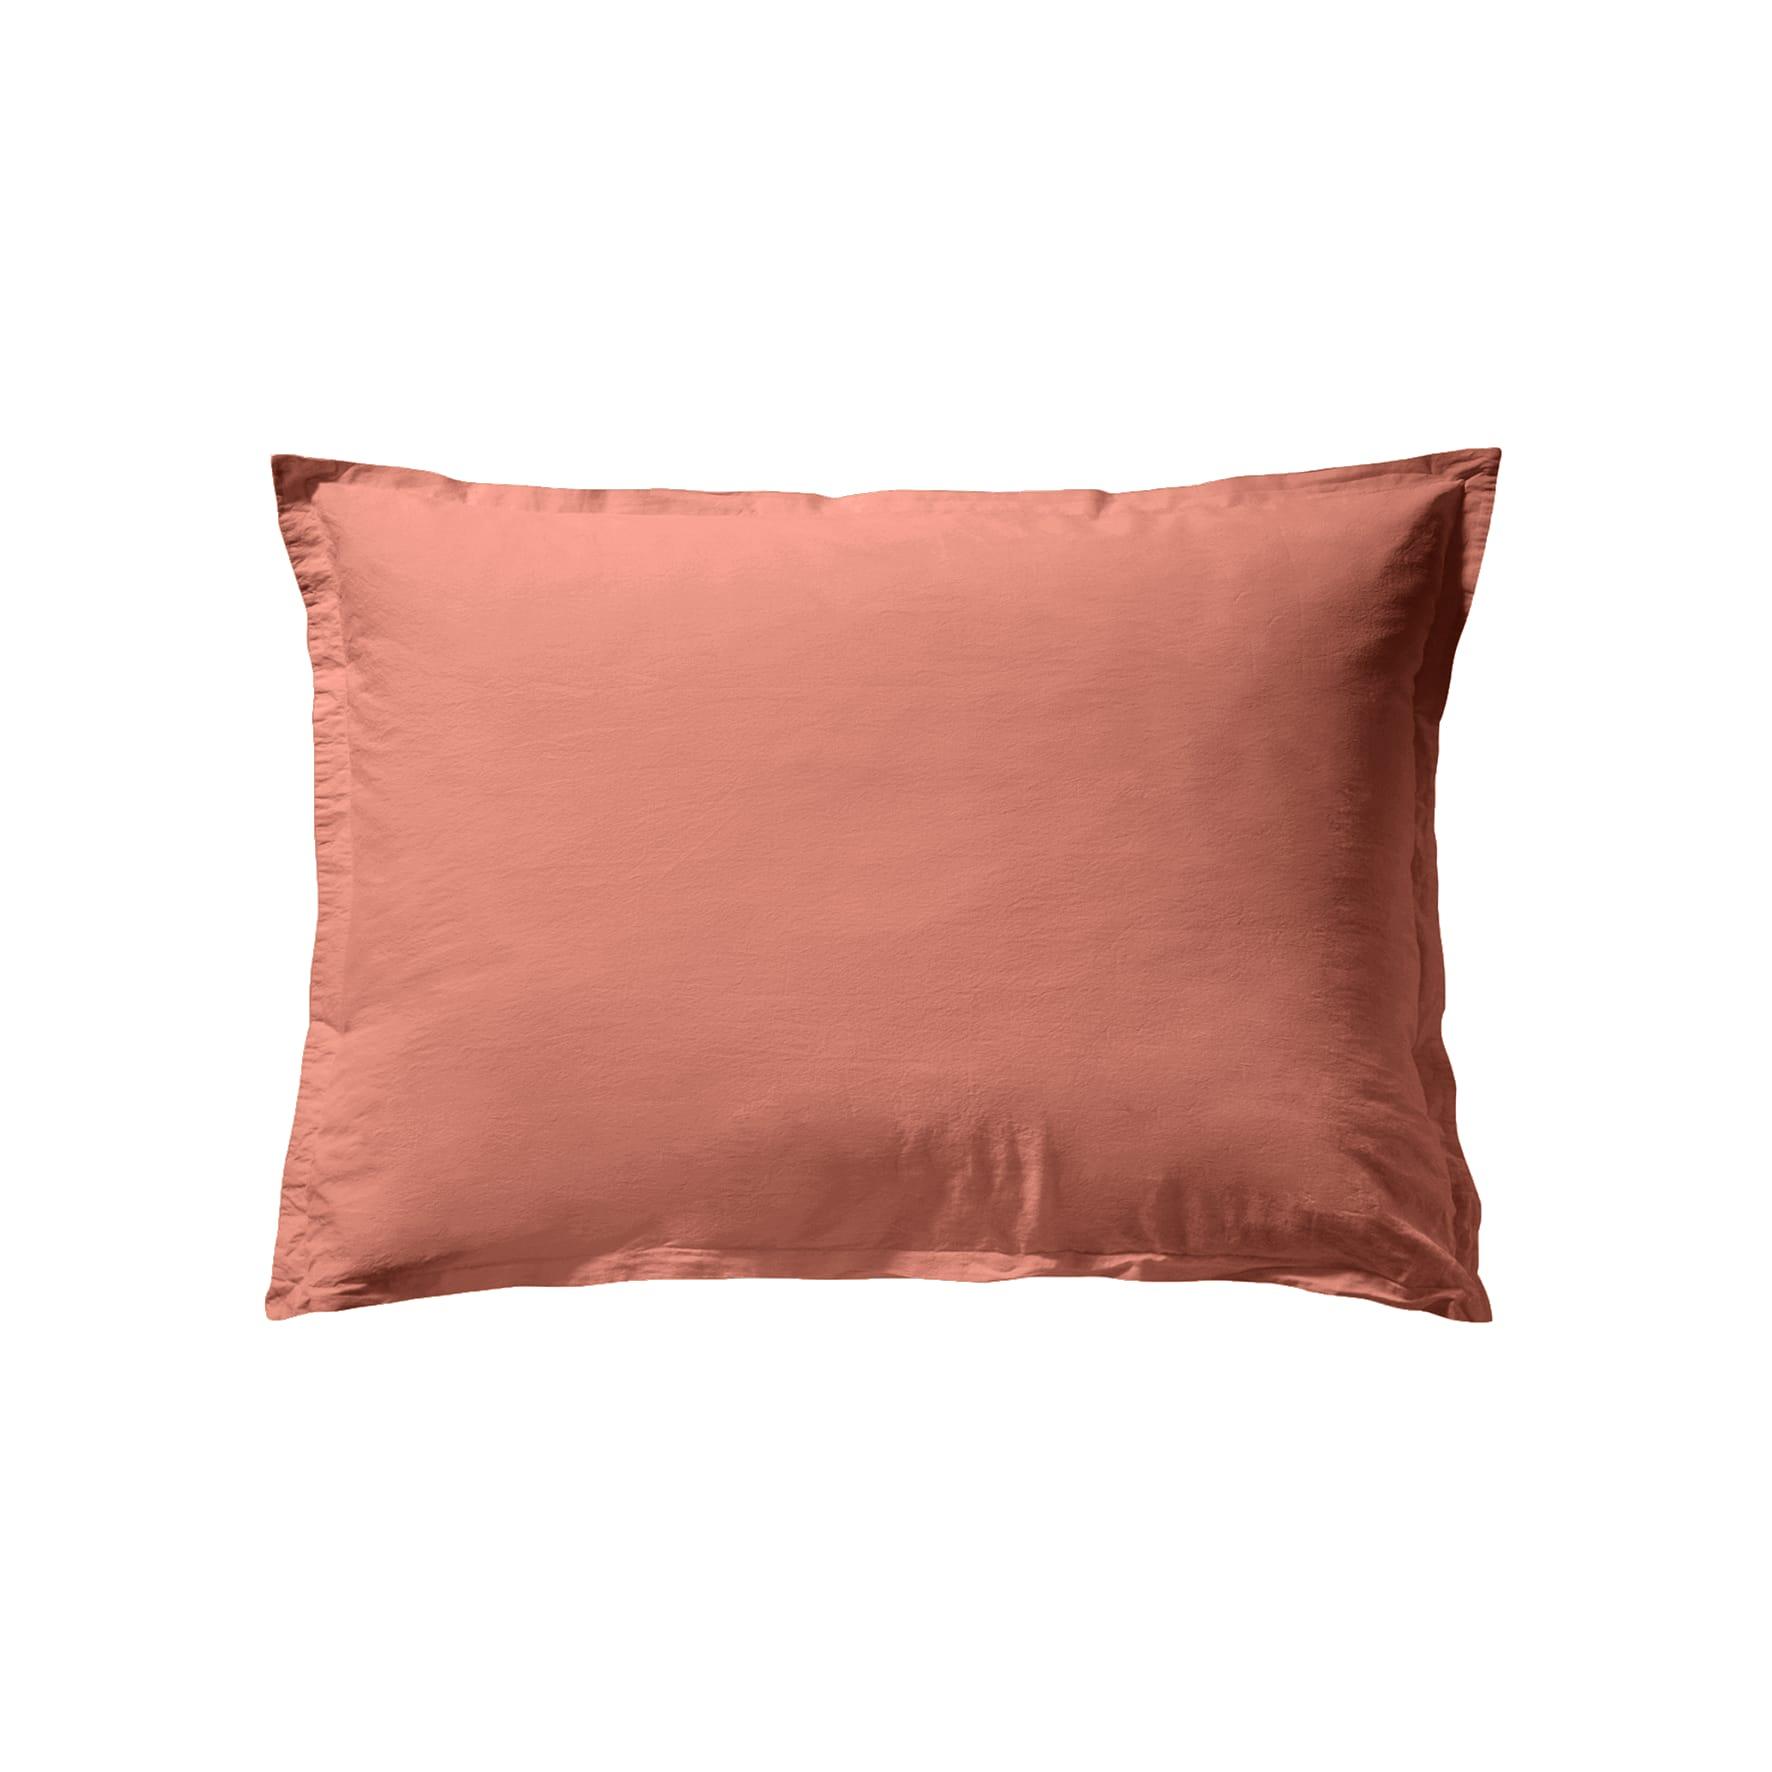 Taie d'oreiller unie en coton lavé Terracotta 50x70